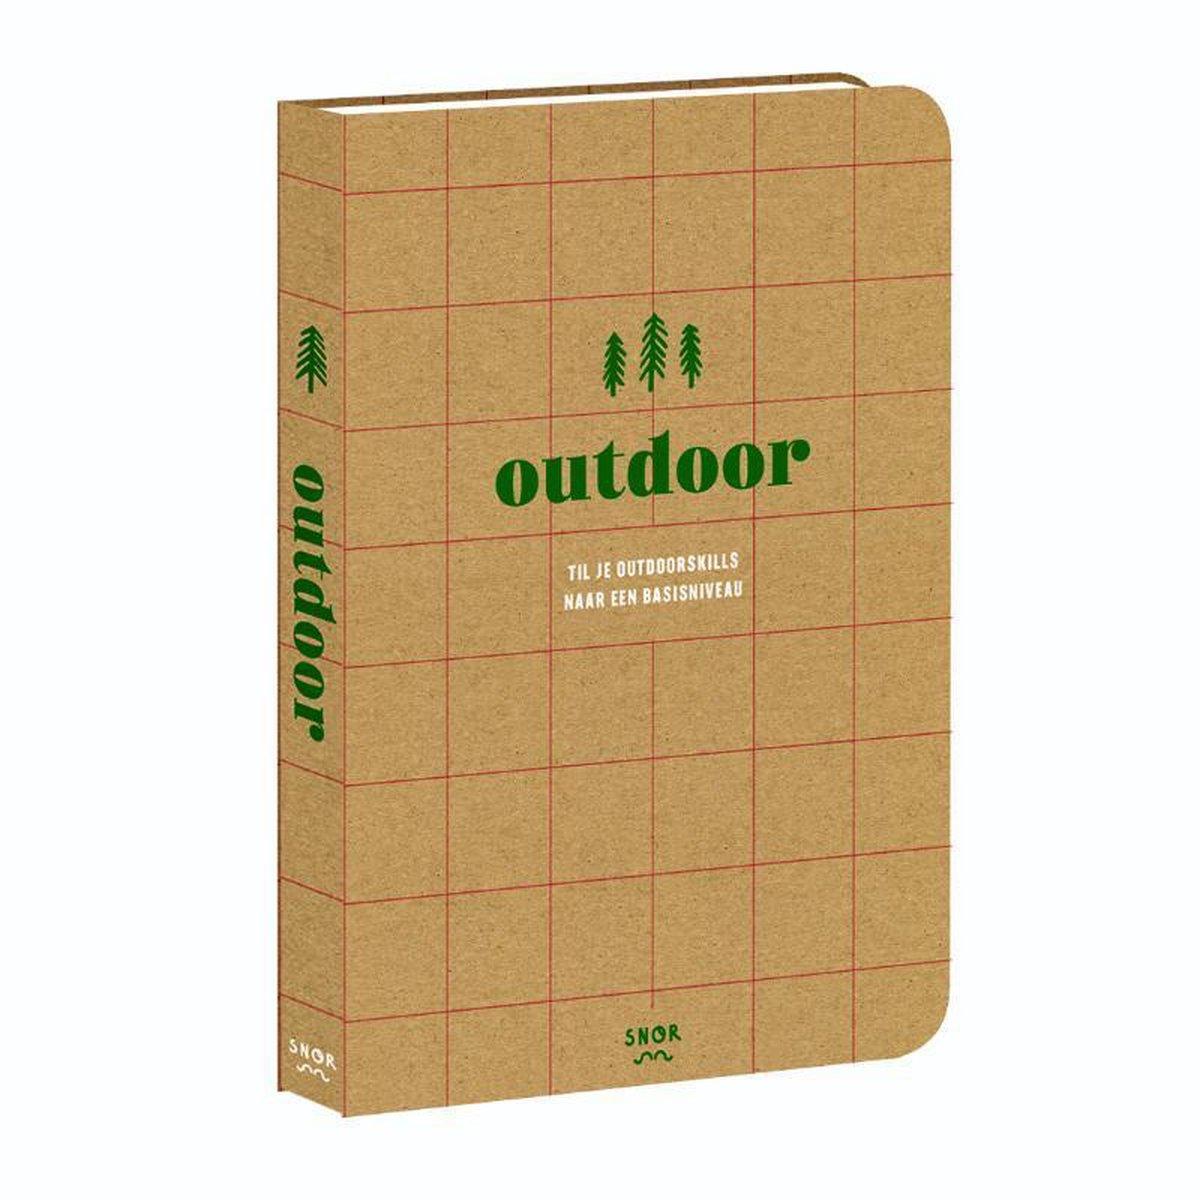 Outdoor - Gerard Janssen